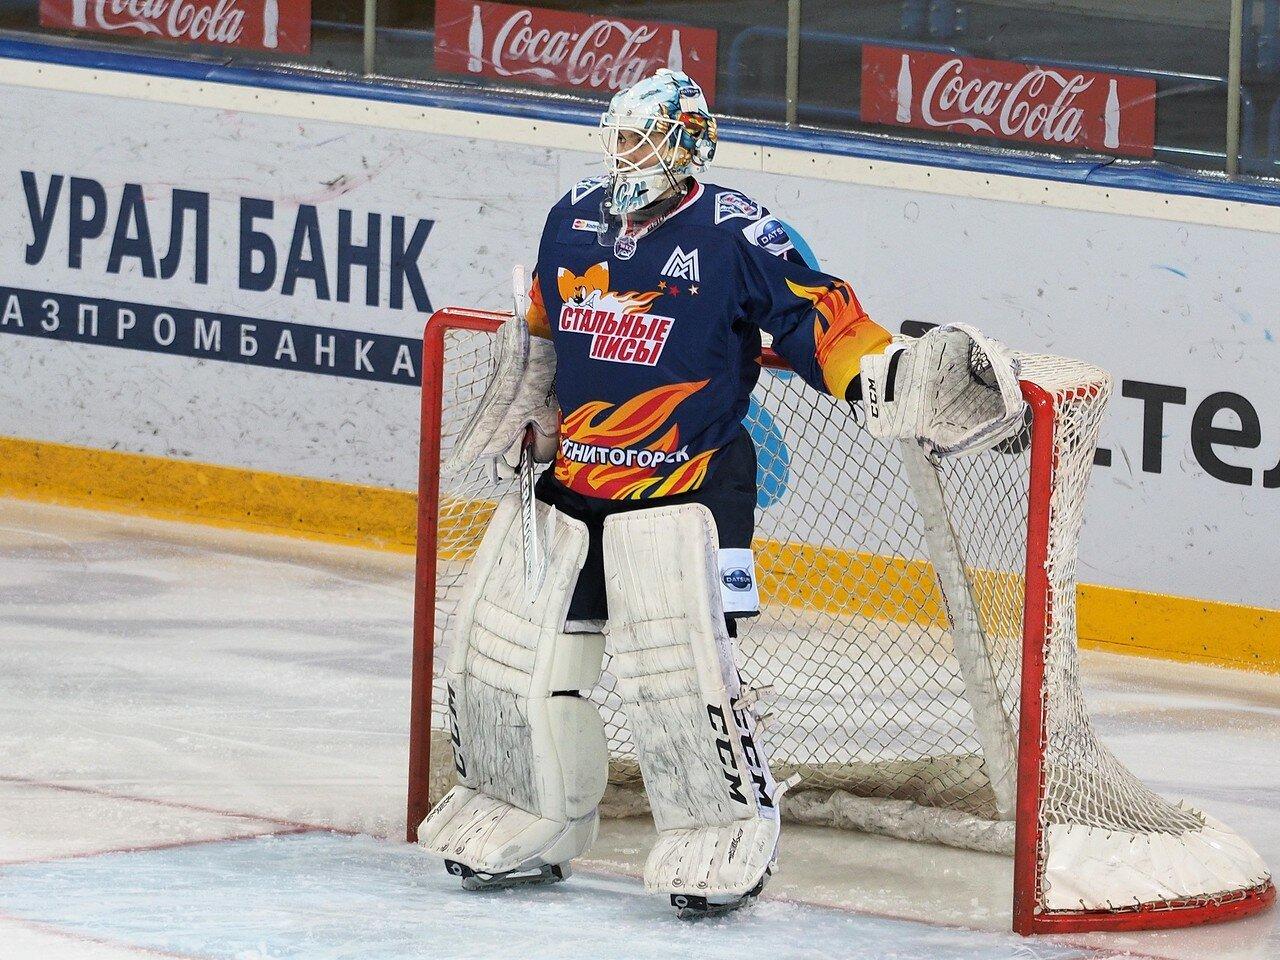 201/8 Плей-офф 2016 МХЛ Стальные Лисы - Кузнецкие Медведи 09.03.2016